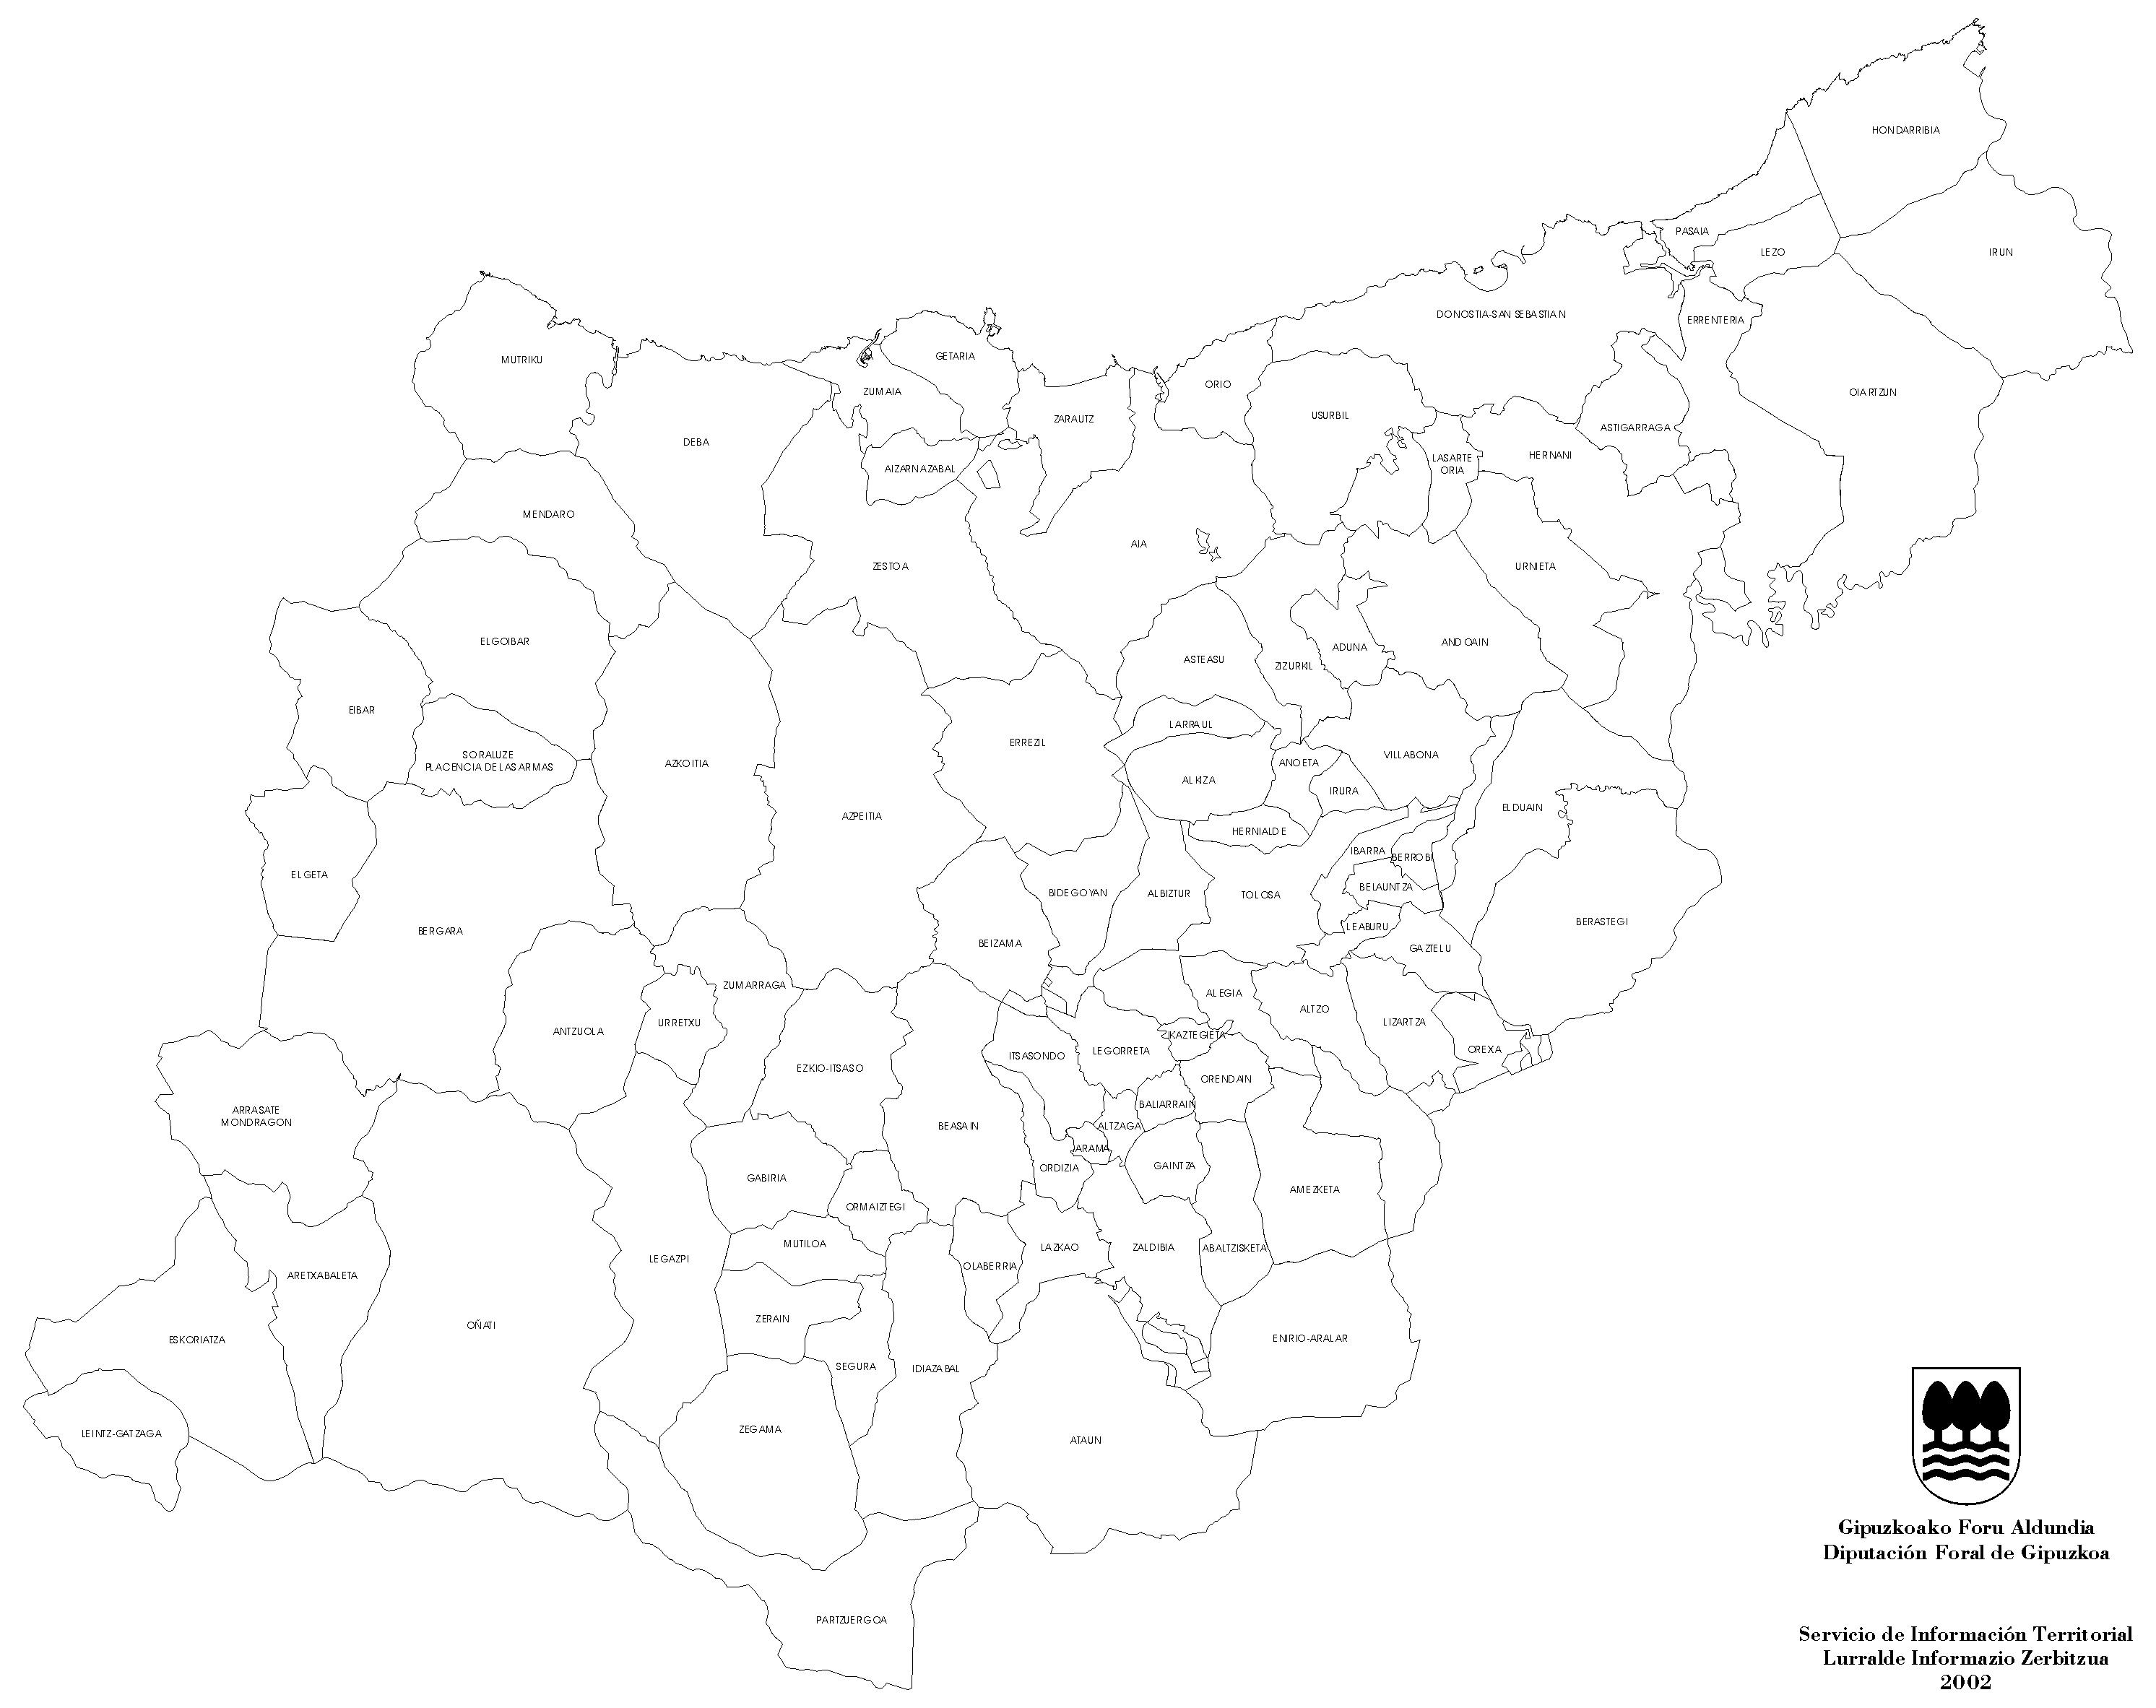 Municipalities and associations of Gipuzkoa 2002